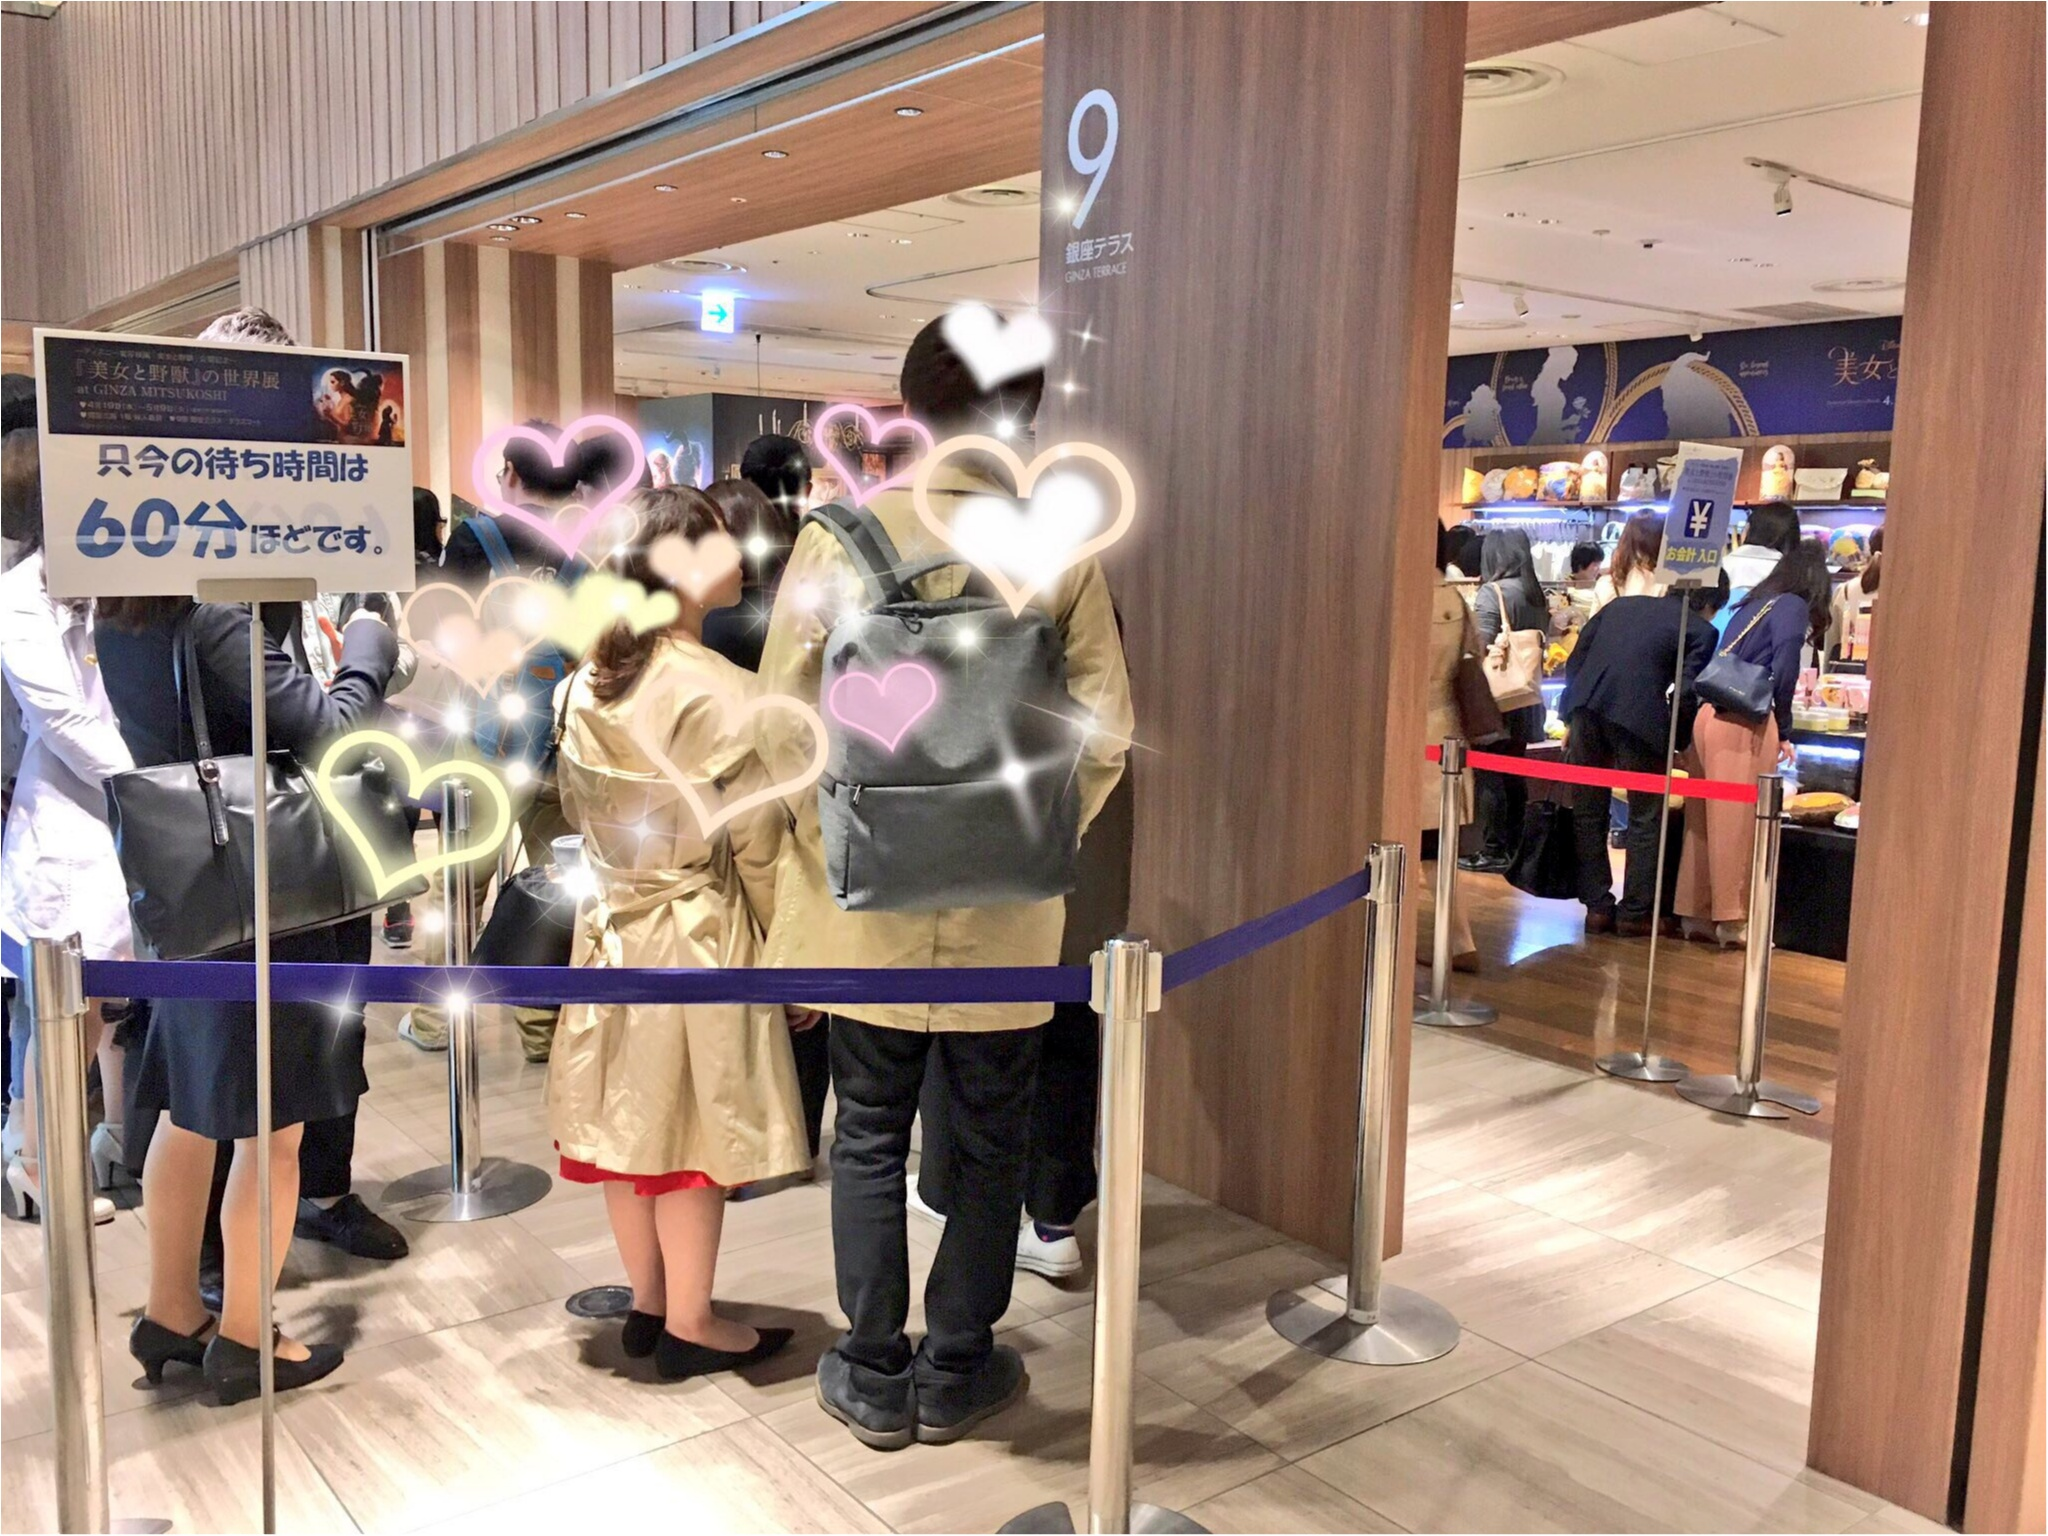 穴場スポット♡【美女と野獣】エマワトソン着用衣装を街中で発見♪_1